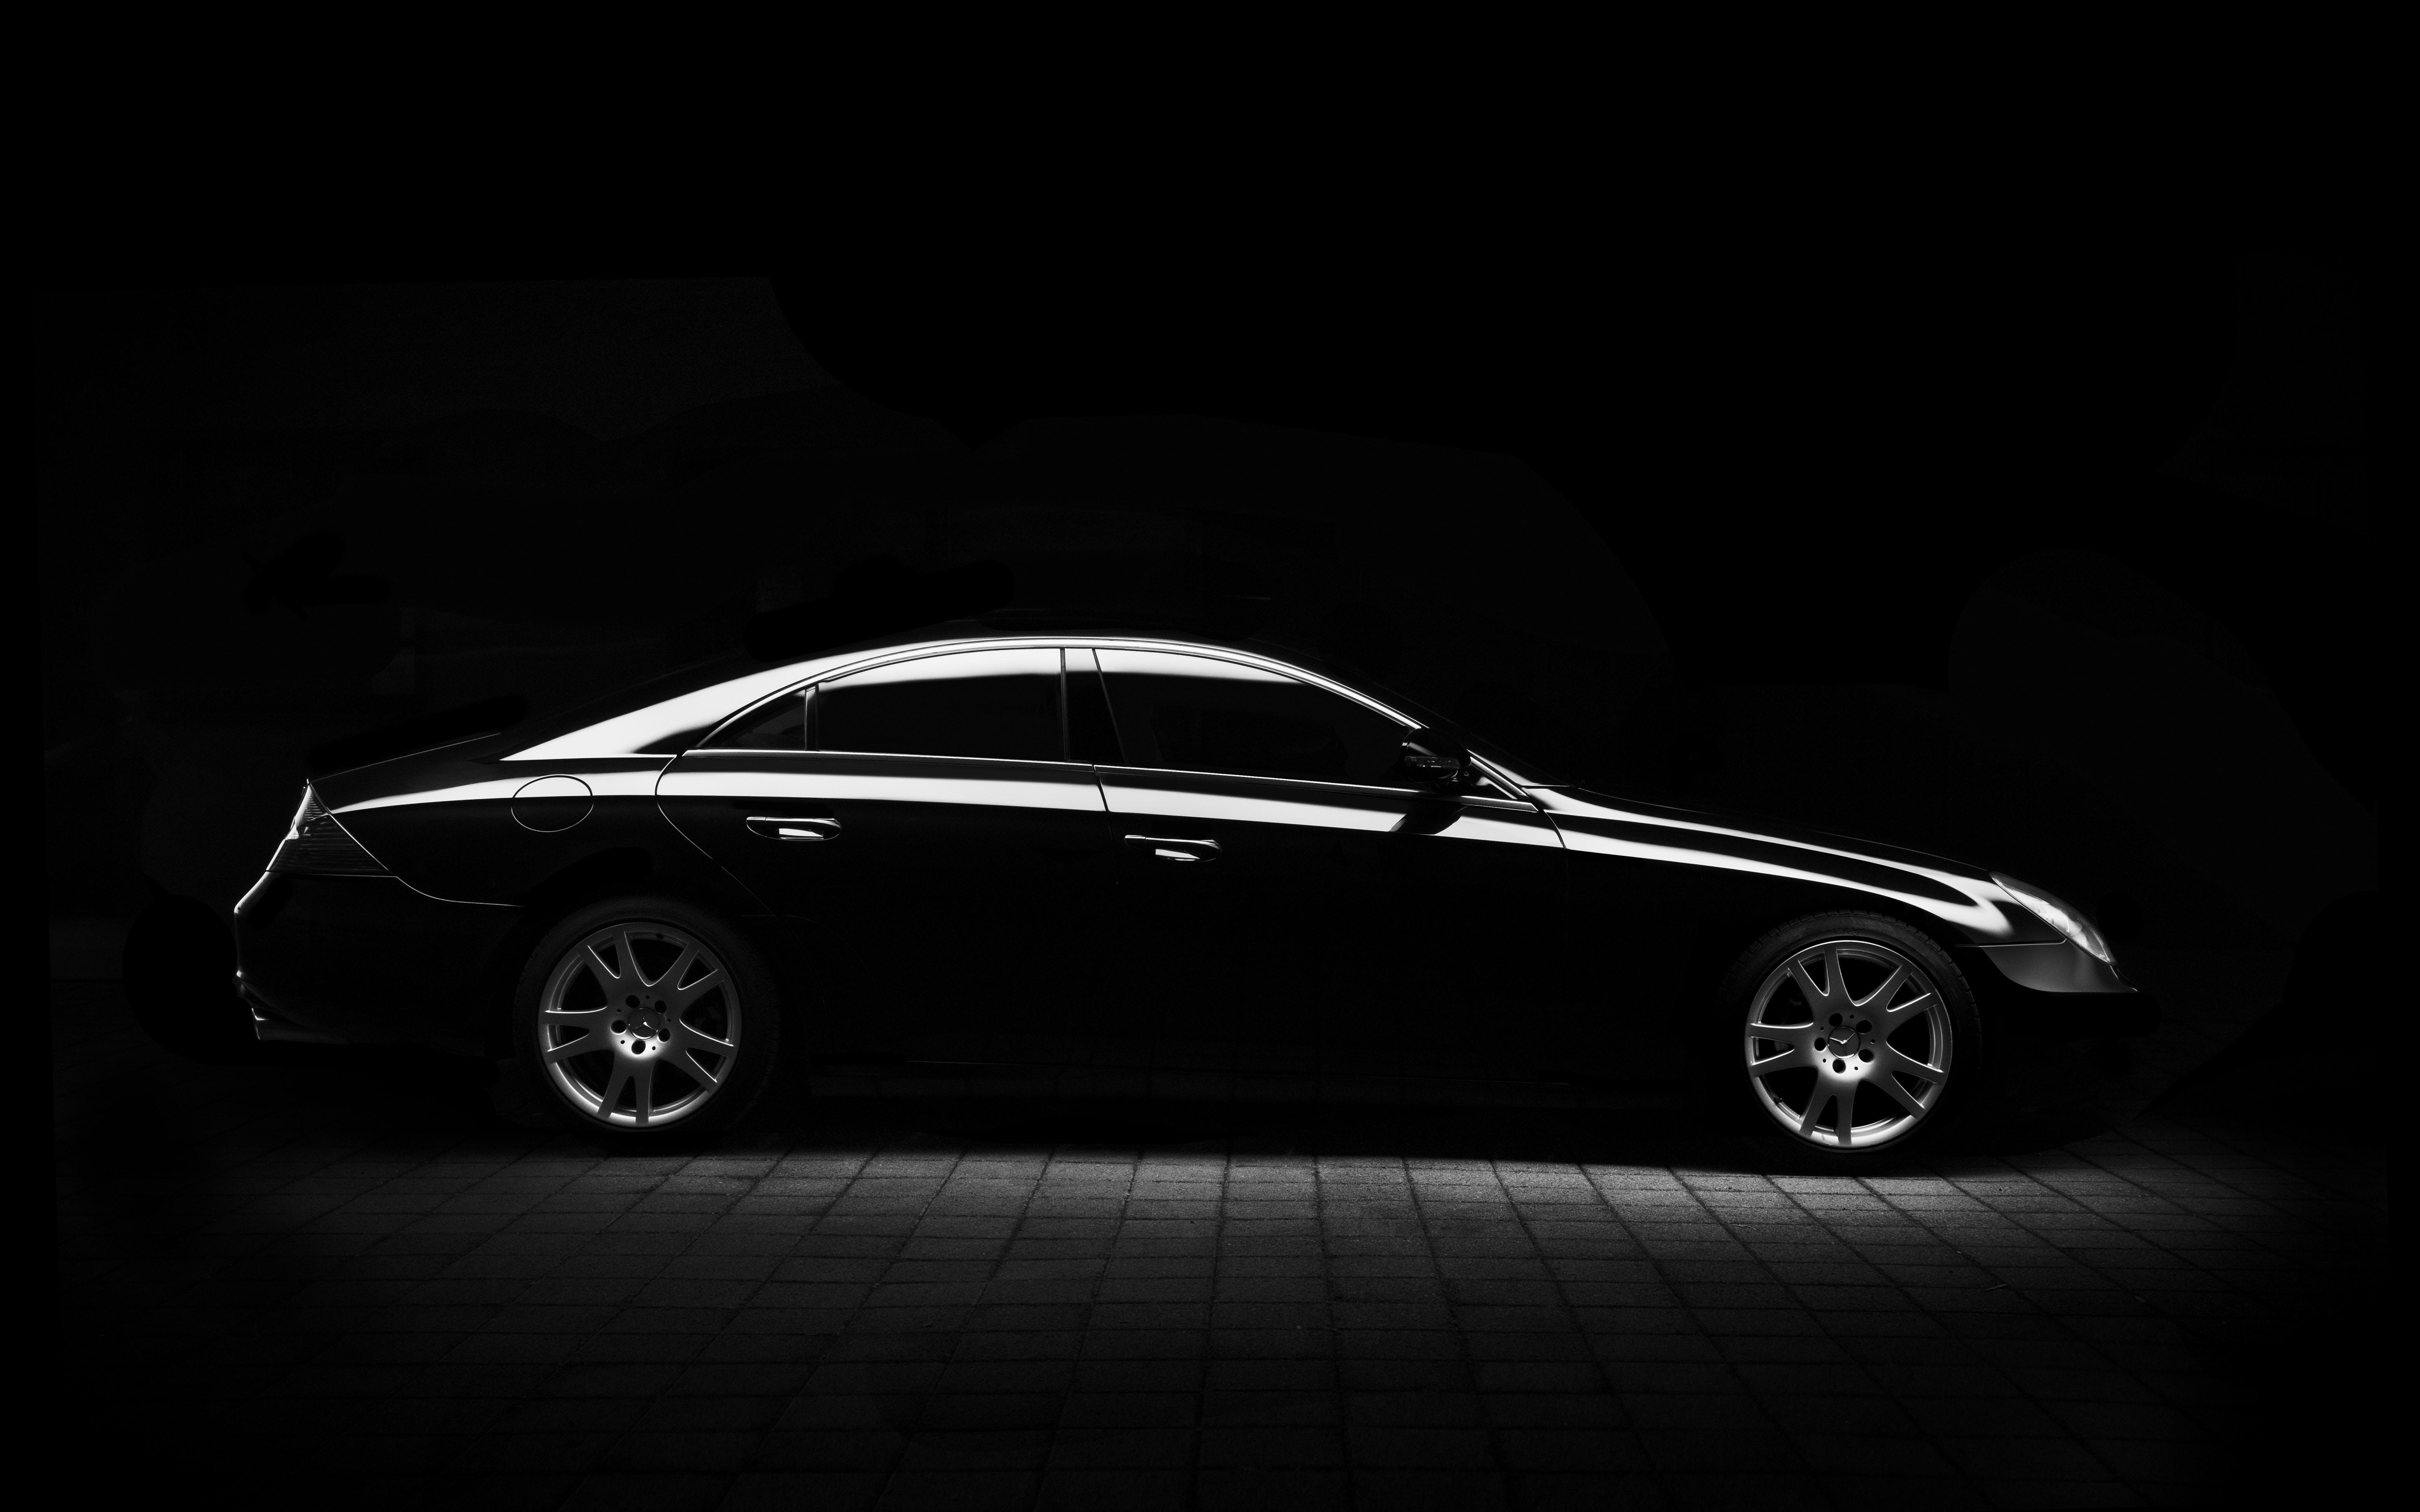 Comment maintenir votre voiture noire en bon état?